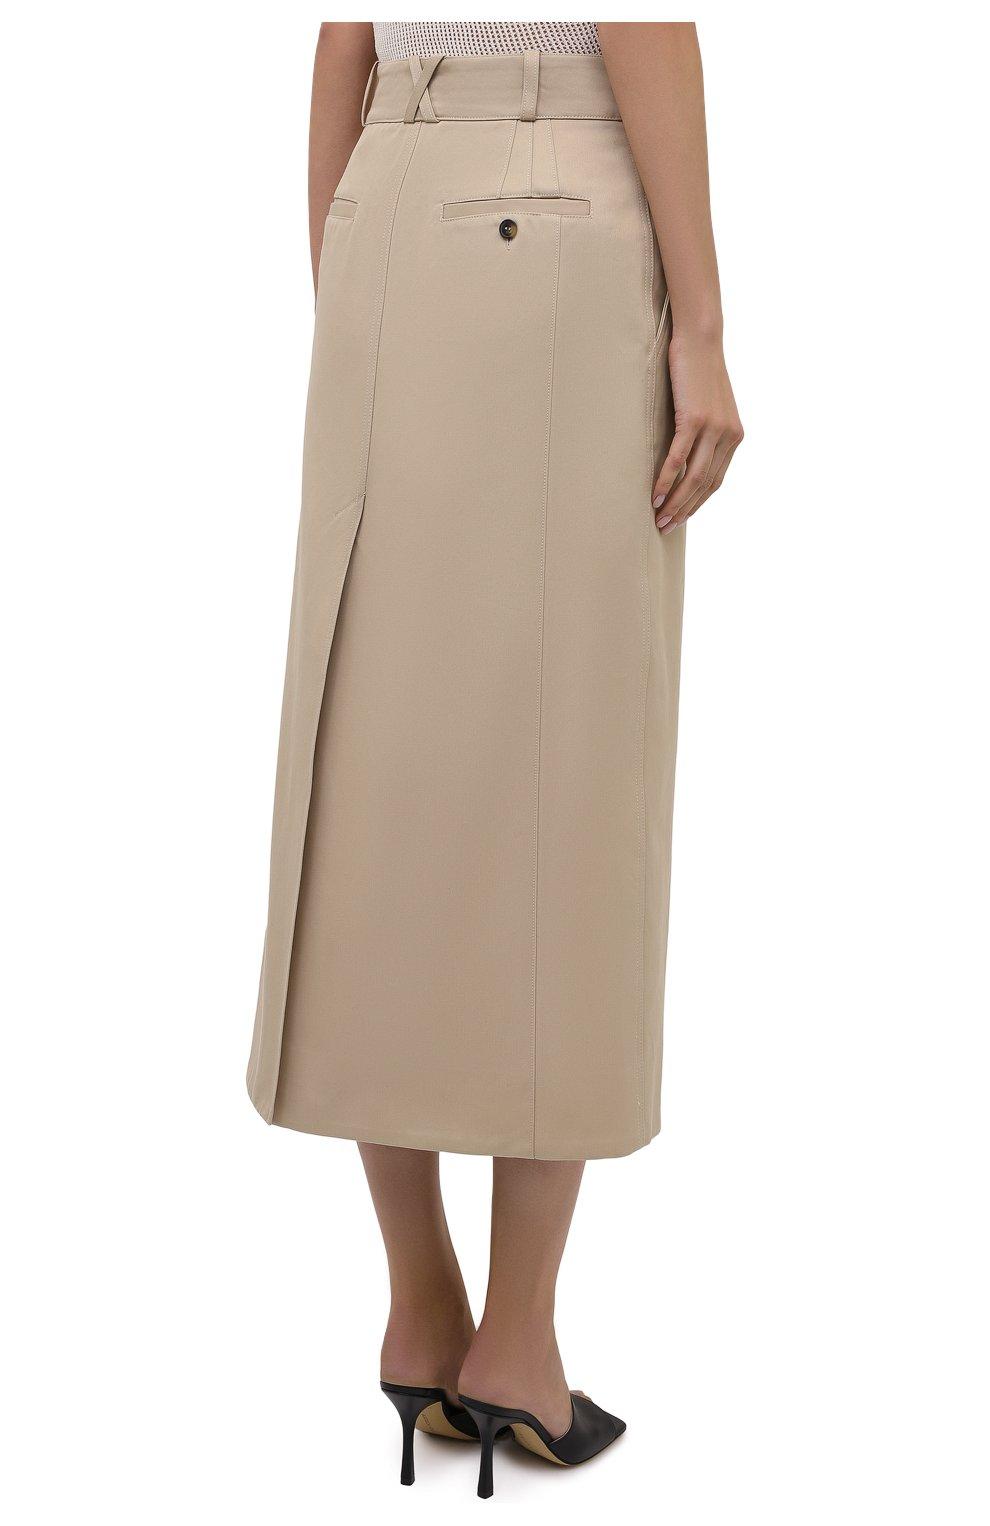 Женская хлопковая юбка PACO RABANNE бежевого цвета, арт. 21ECJU204C00229   Фото 4 (Женское Кросс-КТ: Юбка-одежда; Материал внешний: Хлопок; Длина Ж (юбки, платья, шорты): Миди; Материал подклада: Хлопок; Стили: Кэжуэл)